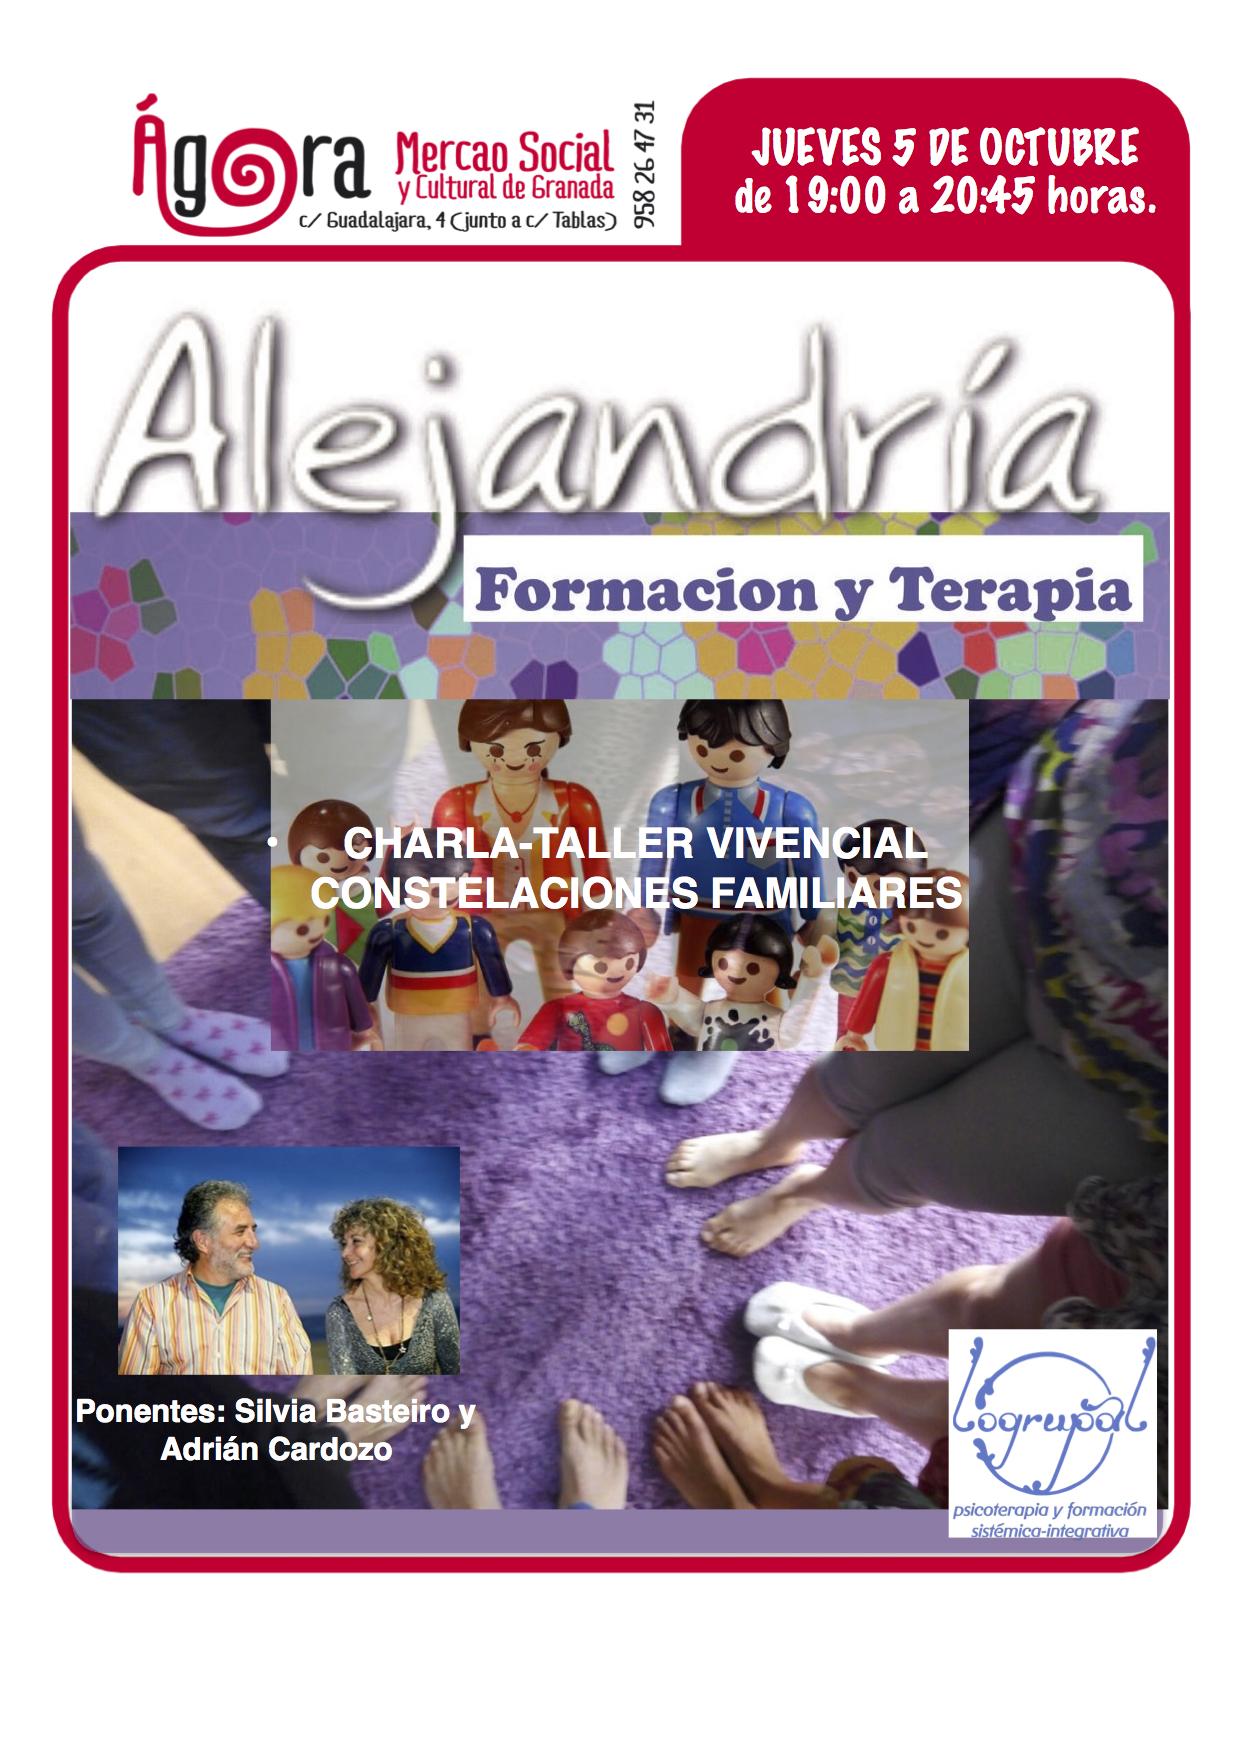 Charla-taller vivencial de Constelaciones Familiares (5 de octubre, Granada)